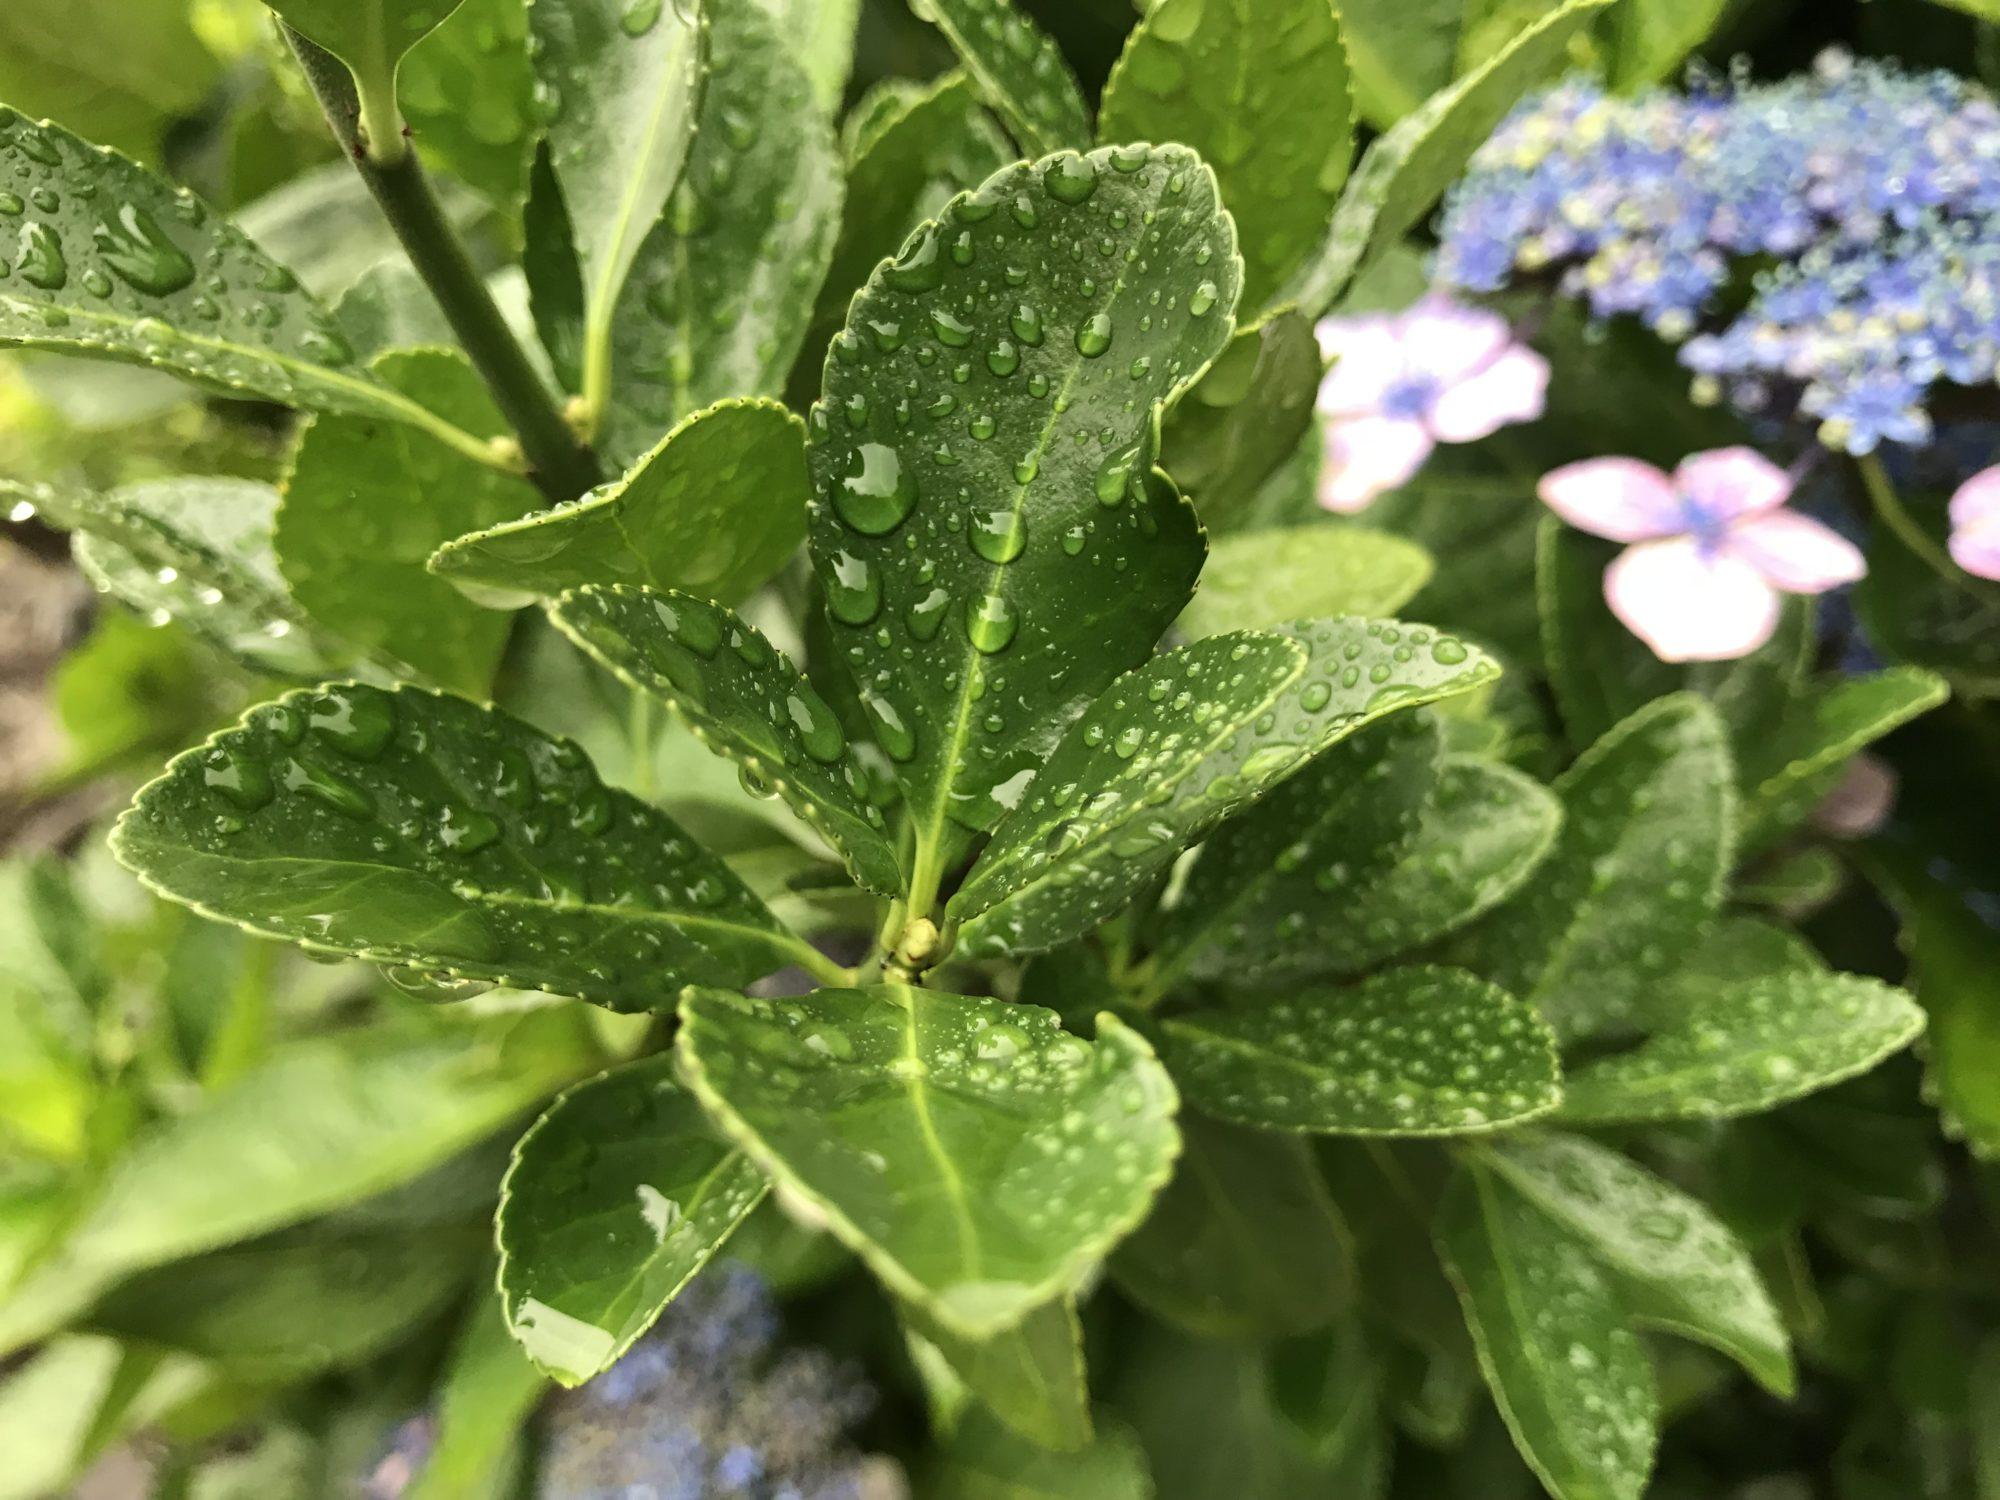 青々した葉と水滴